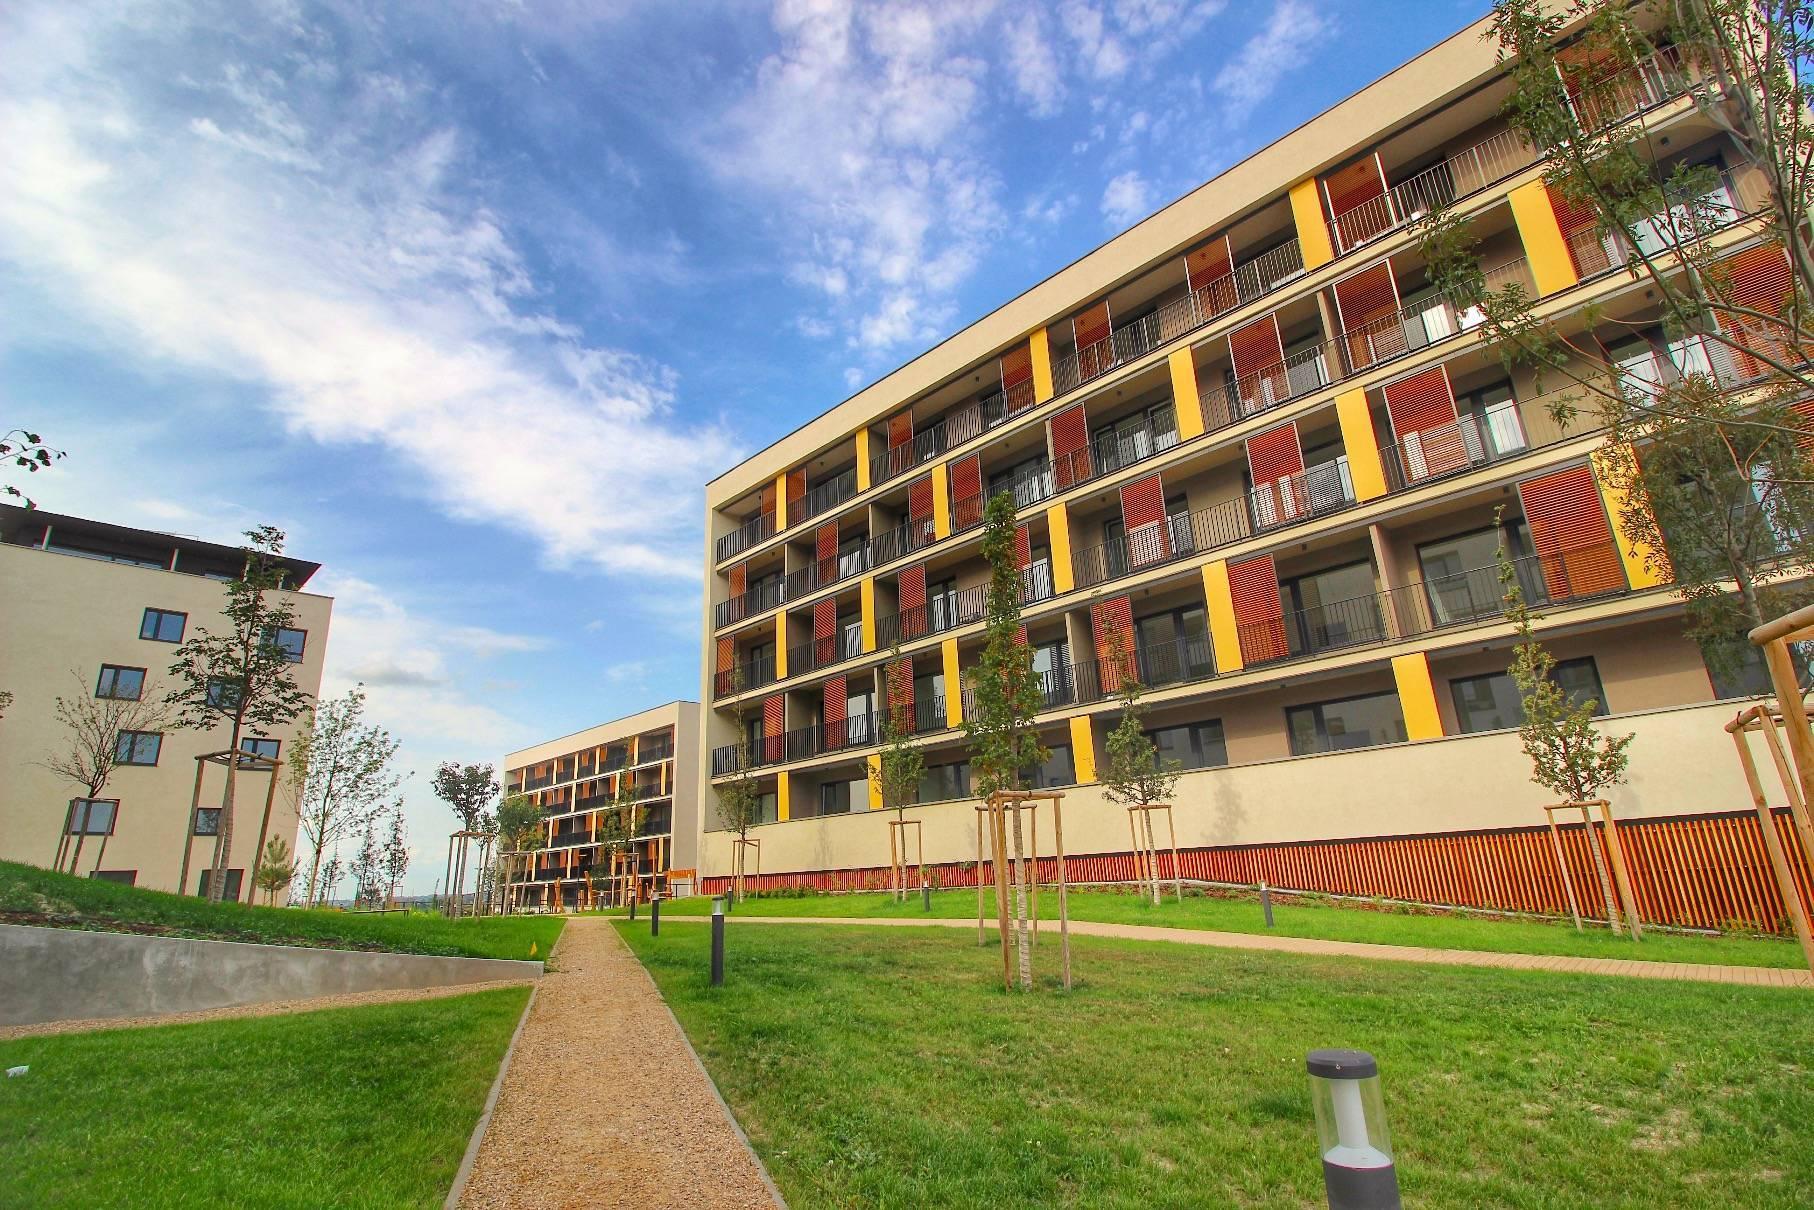 Prenájom bytu (2 izbový) 39 m2, Bratislava - Devínska Nová Ves - ŠTÝLOVÝ A MODERNÝ BYT V NOVOSTAVBE - EŠTE NEOBÝVANÝ - ZARIADENÝ - Bory Bývanie - Top ponuka - Bytový dom